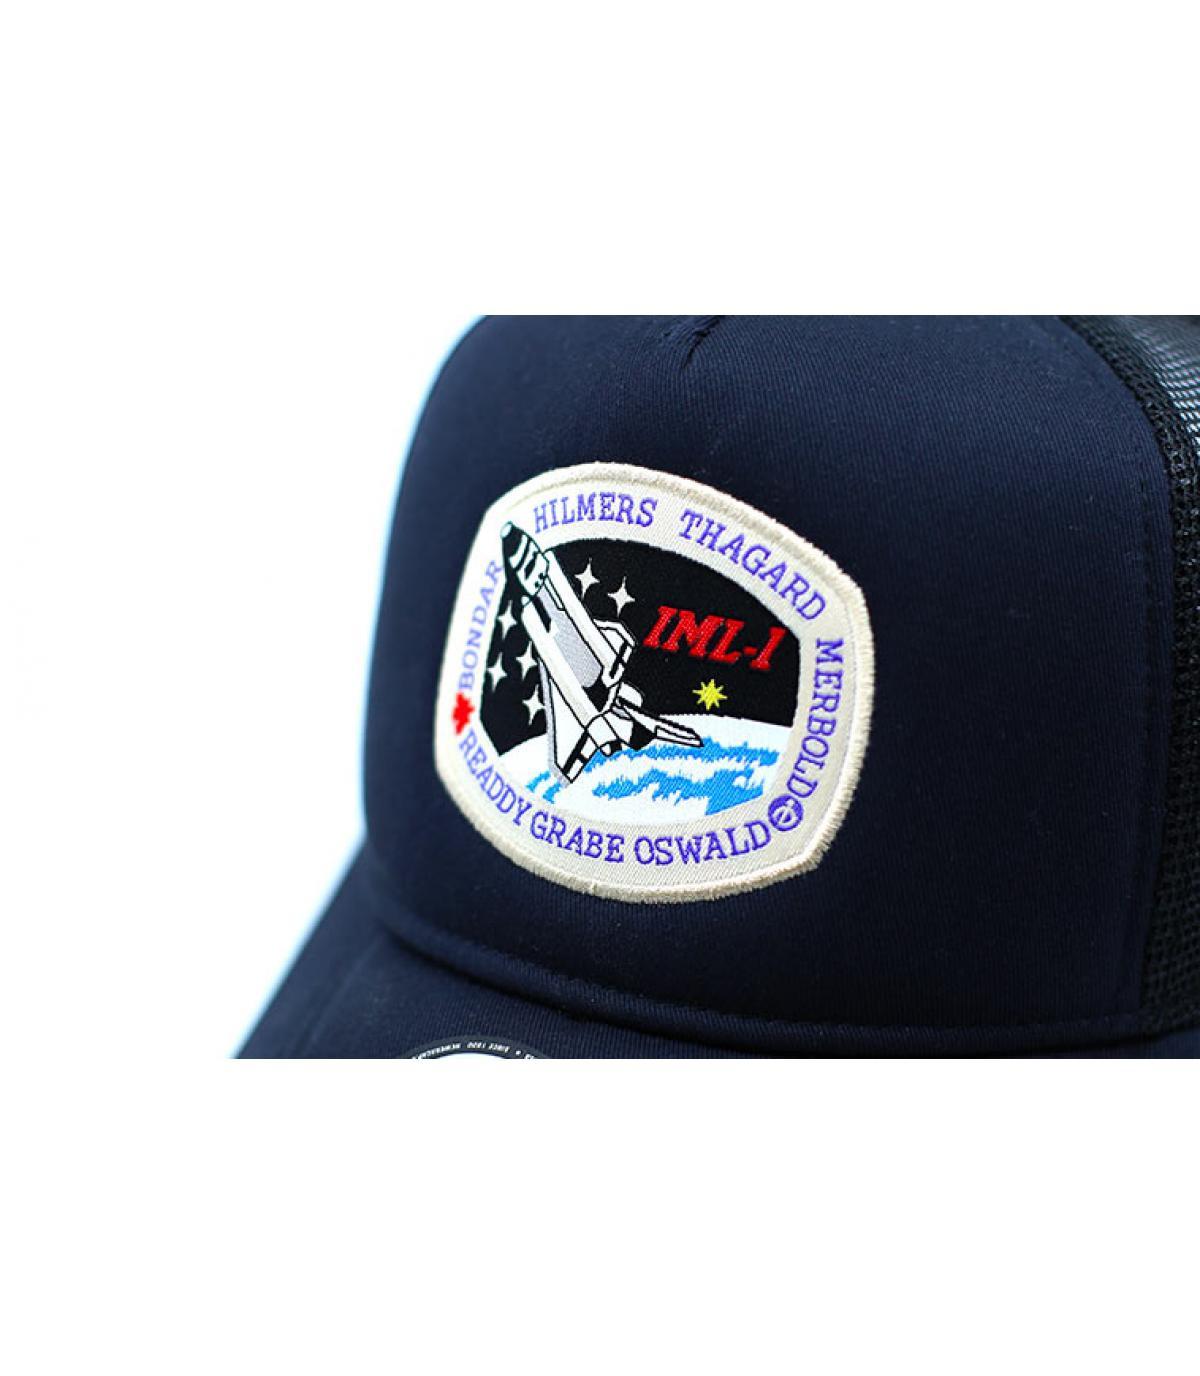 Detalles Trucker ISA navy imagen 3